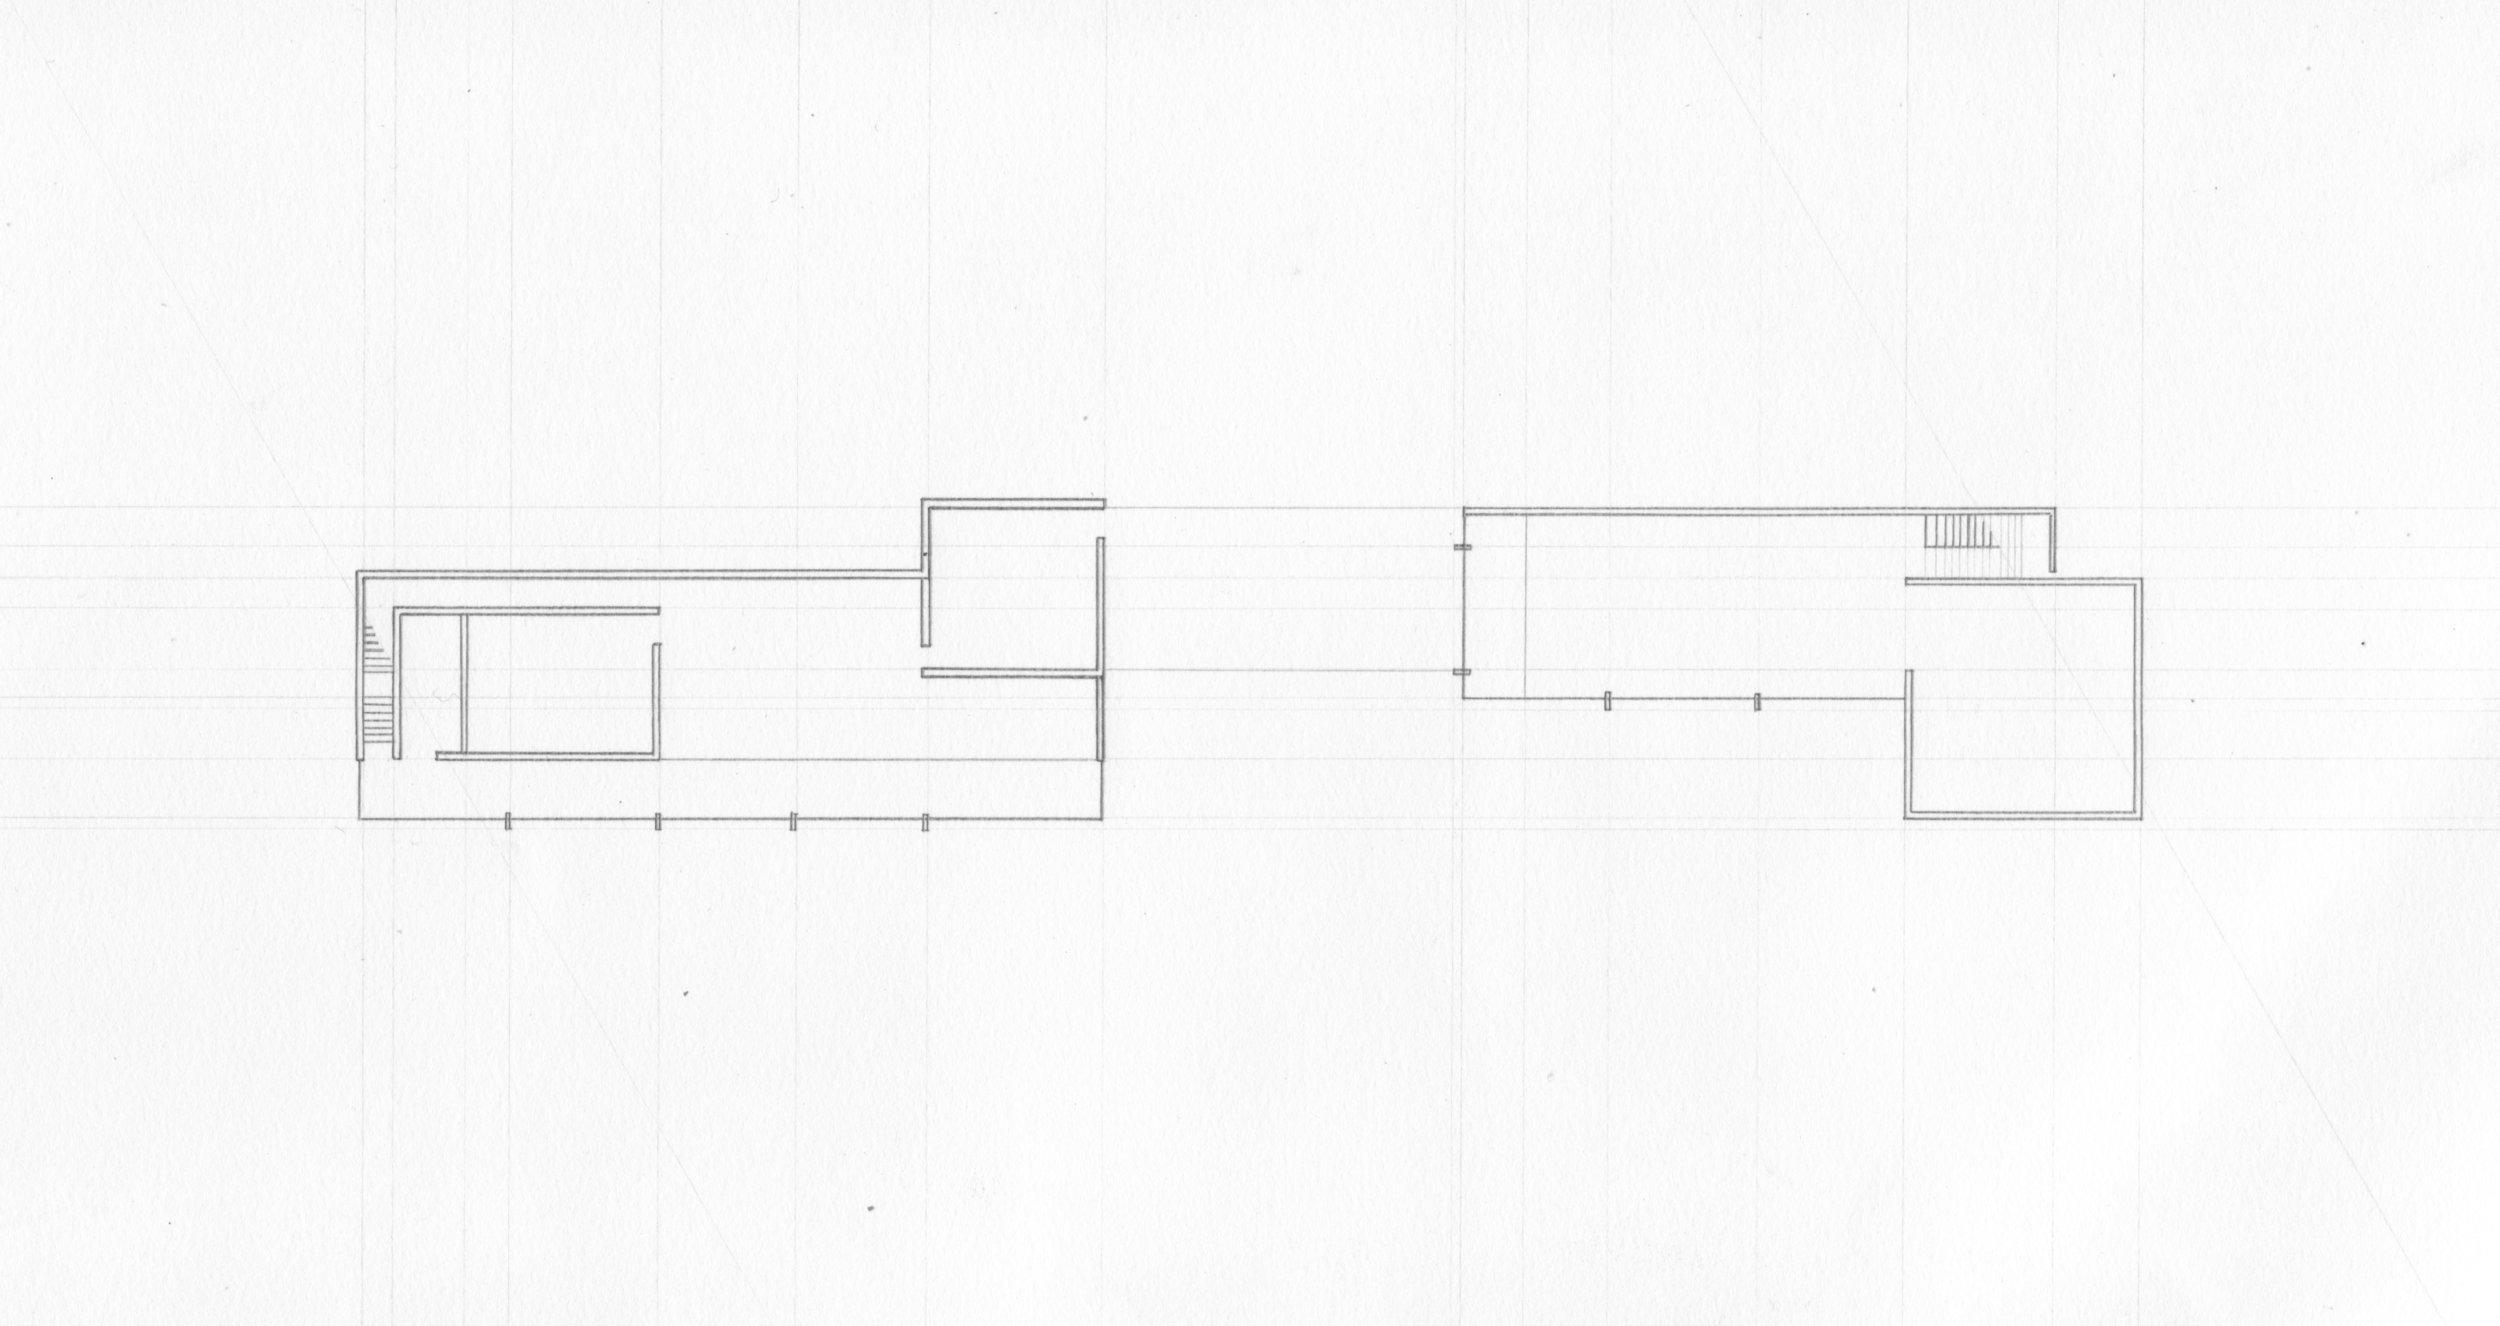 TWO BUILDINGS_3.jpg